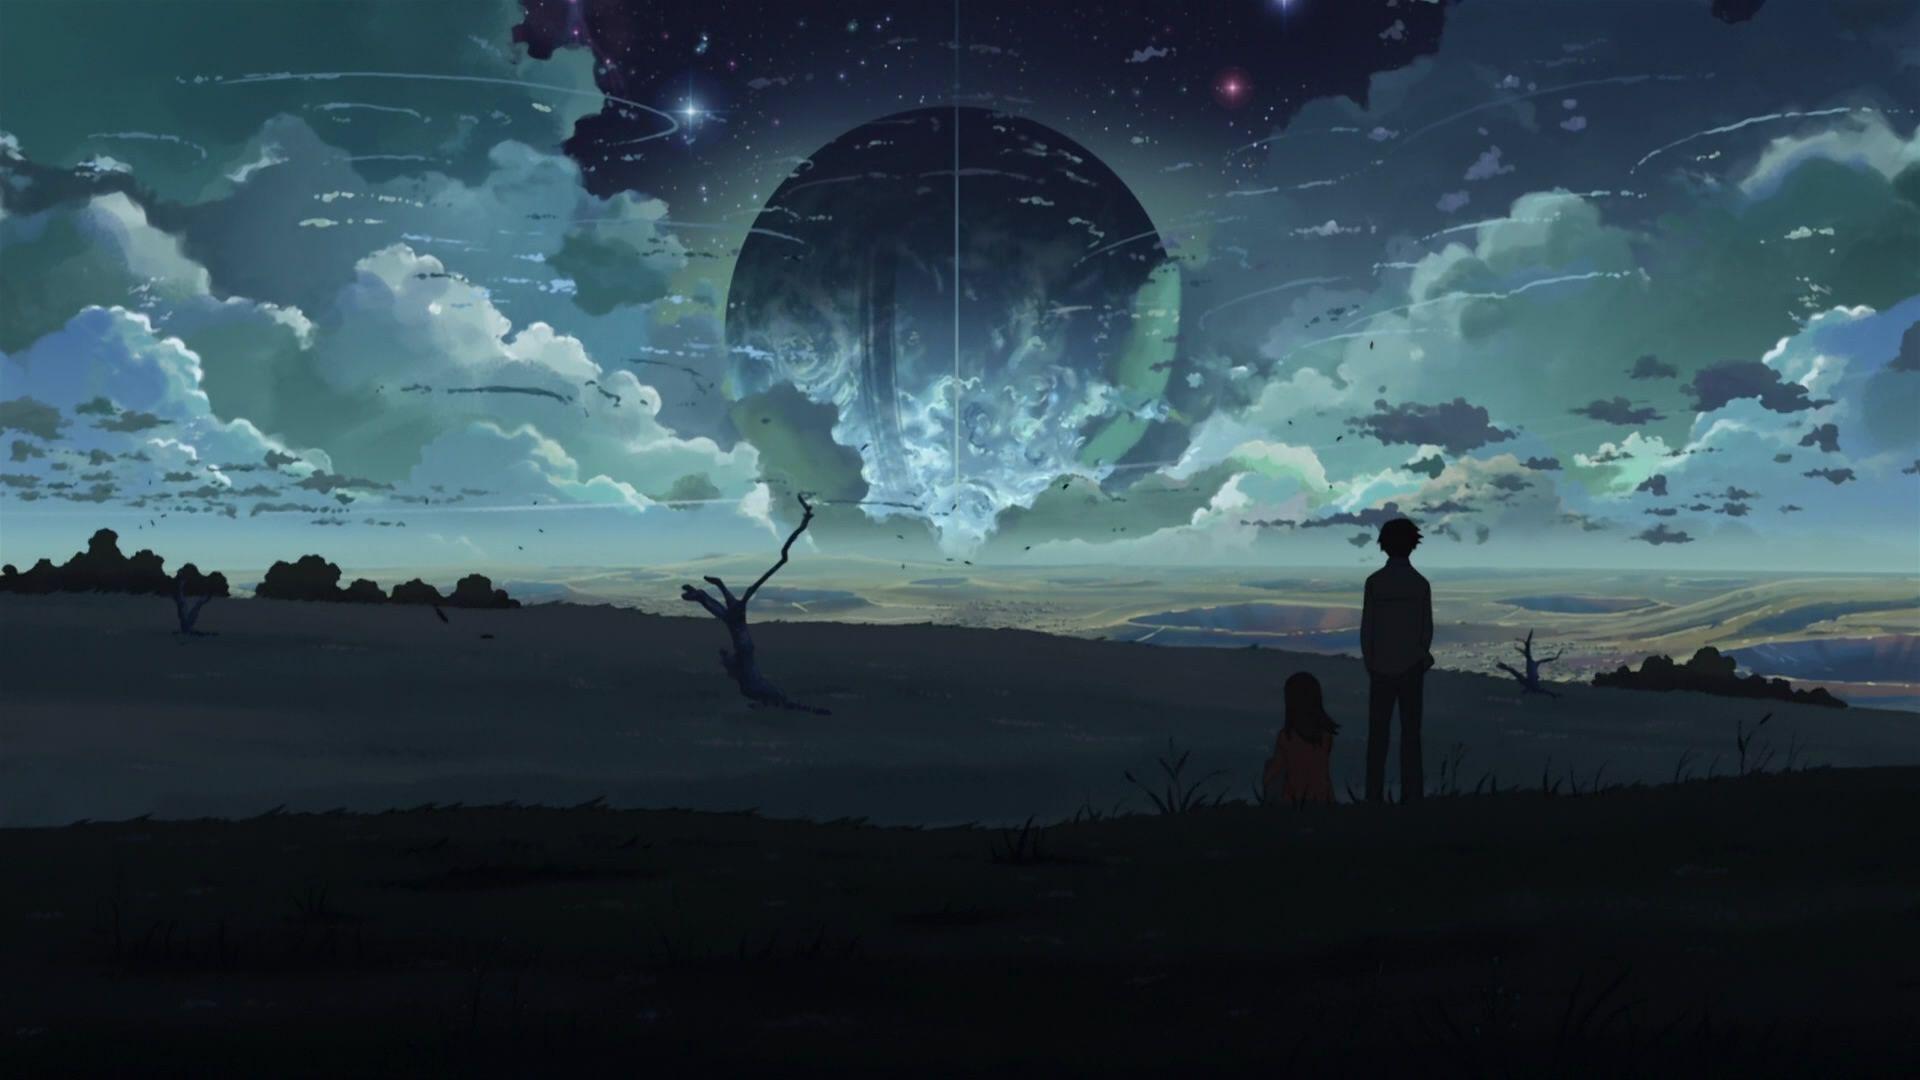 Krasivye Anime Pejzazhi 16 Tys Izobrazhenij Najdeno V Yandeks